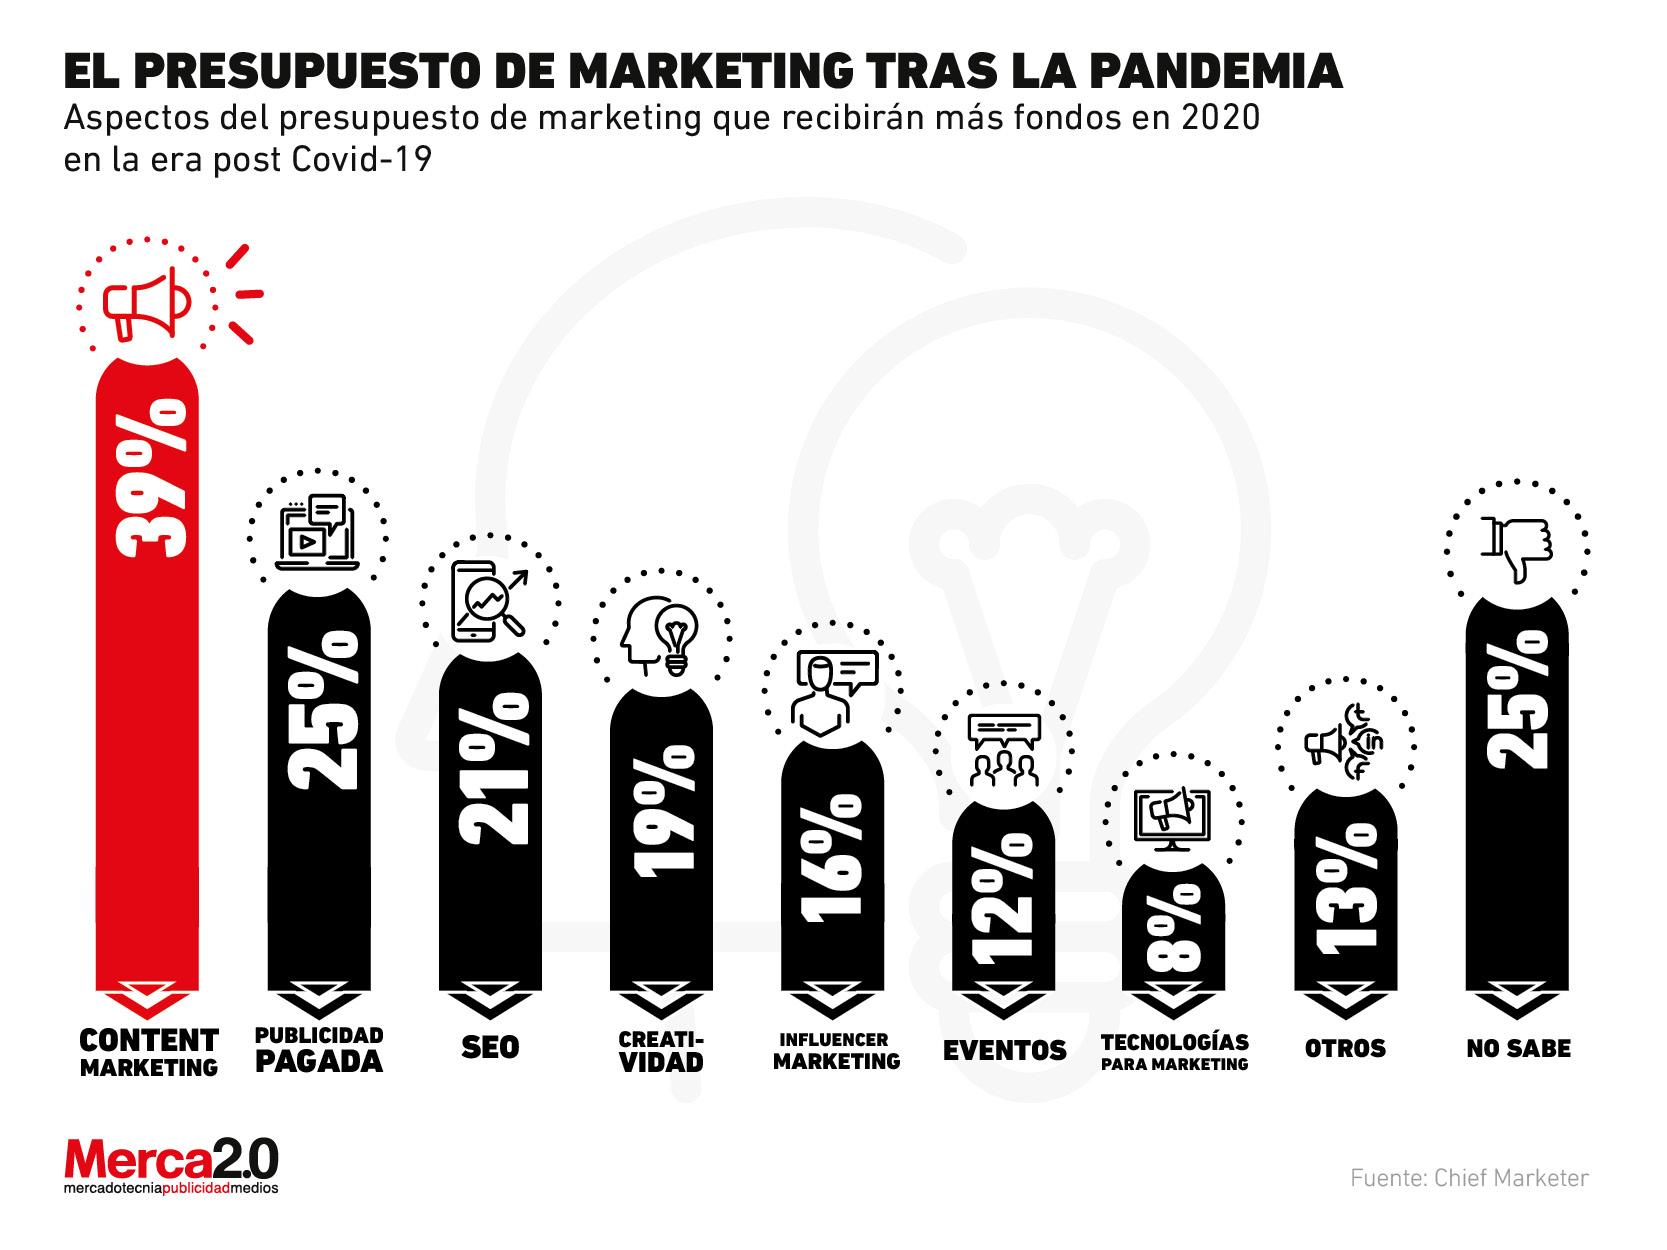 ¿En qué actividades de marketing se invertirá tras la pandemia?